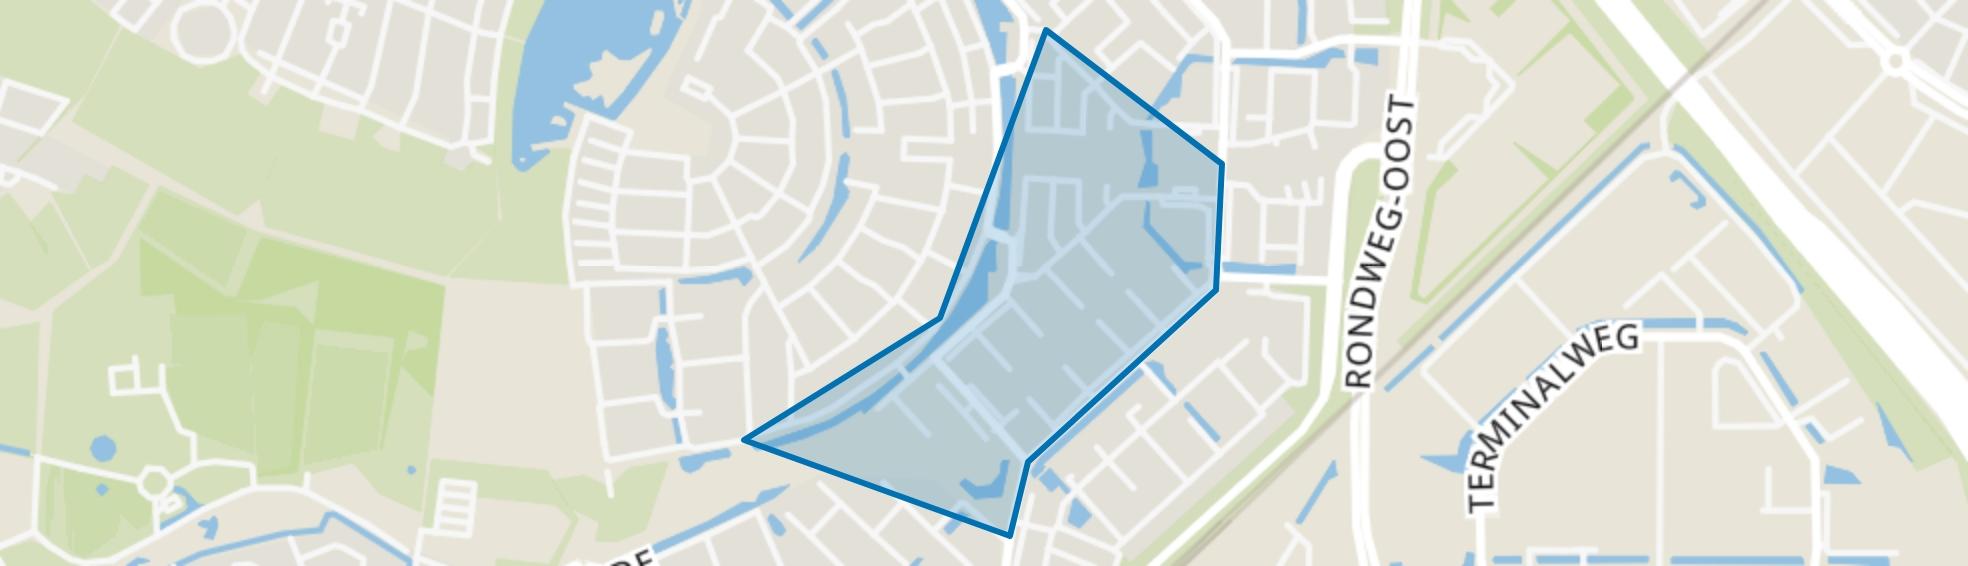 Muziekbuurt-Zuid, Amersfoort map